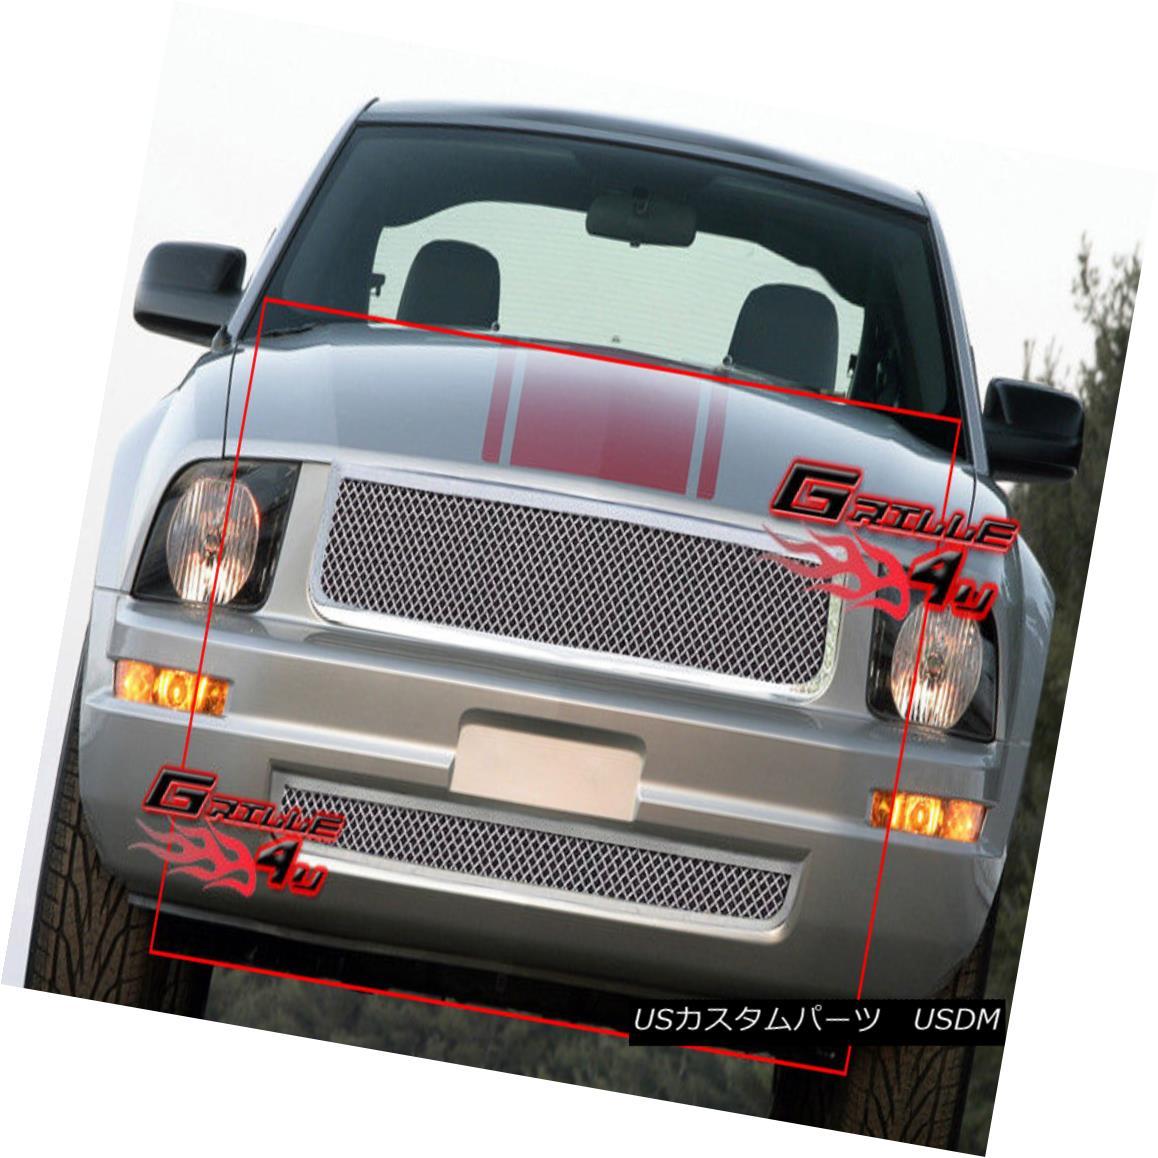 グリル For 05-09 Ford Mustang V6 Stainless Steel Mesh Grille Combo 05-09フォードマスタングV6ステンレスメッシュグリルコンボ用